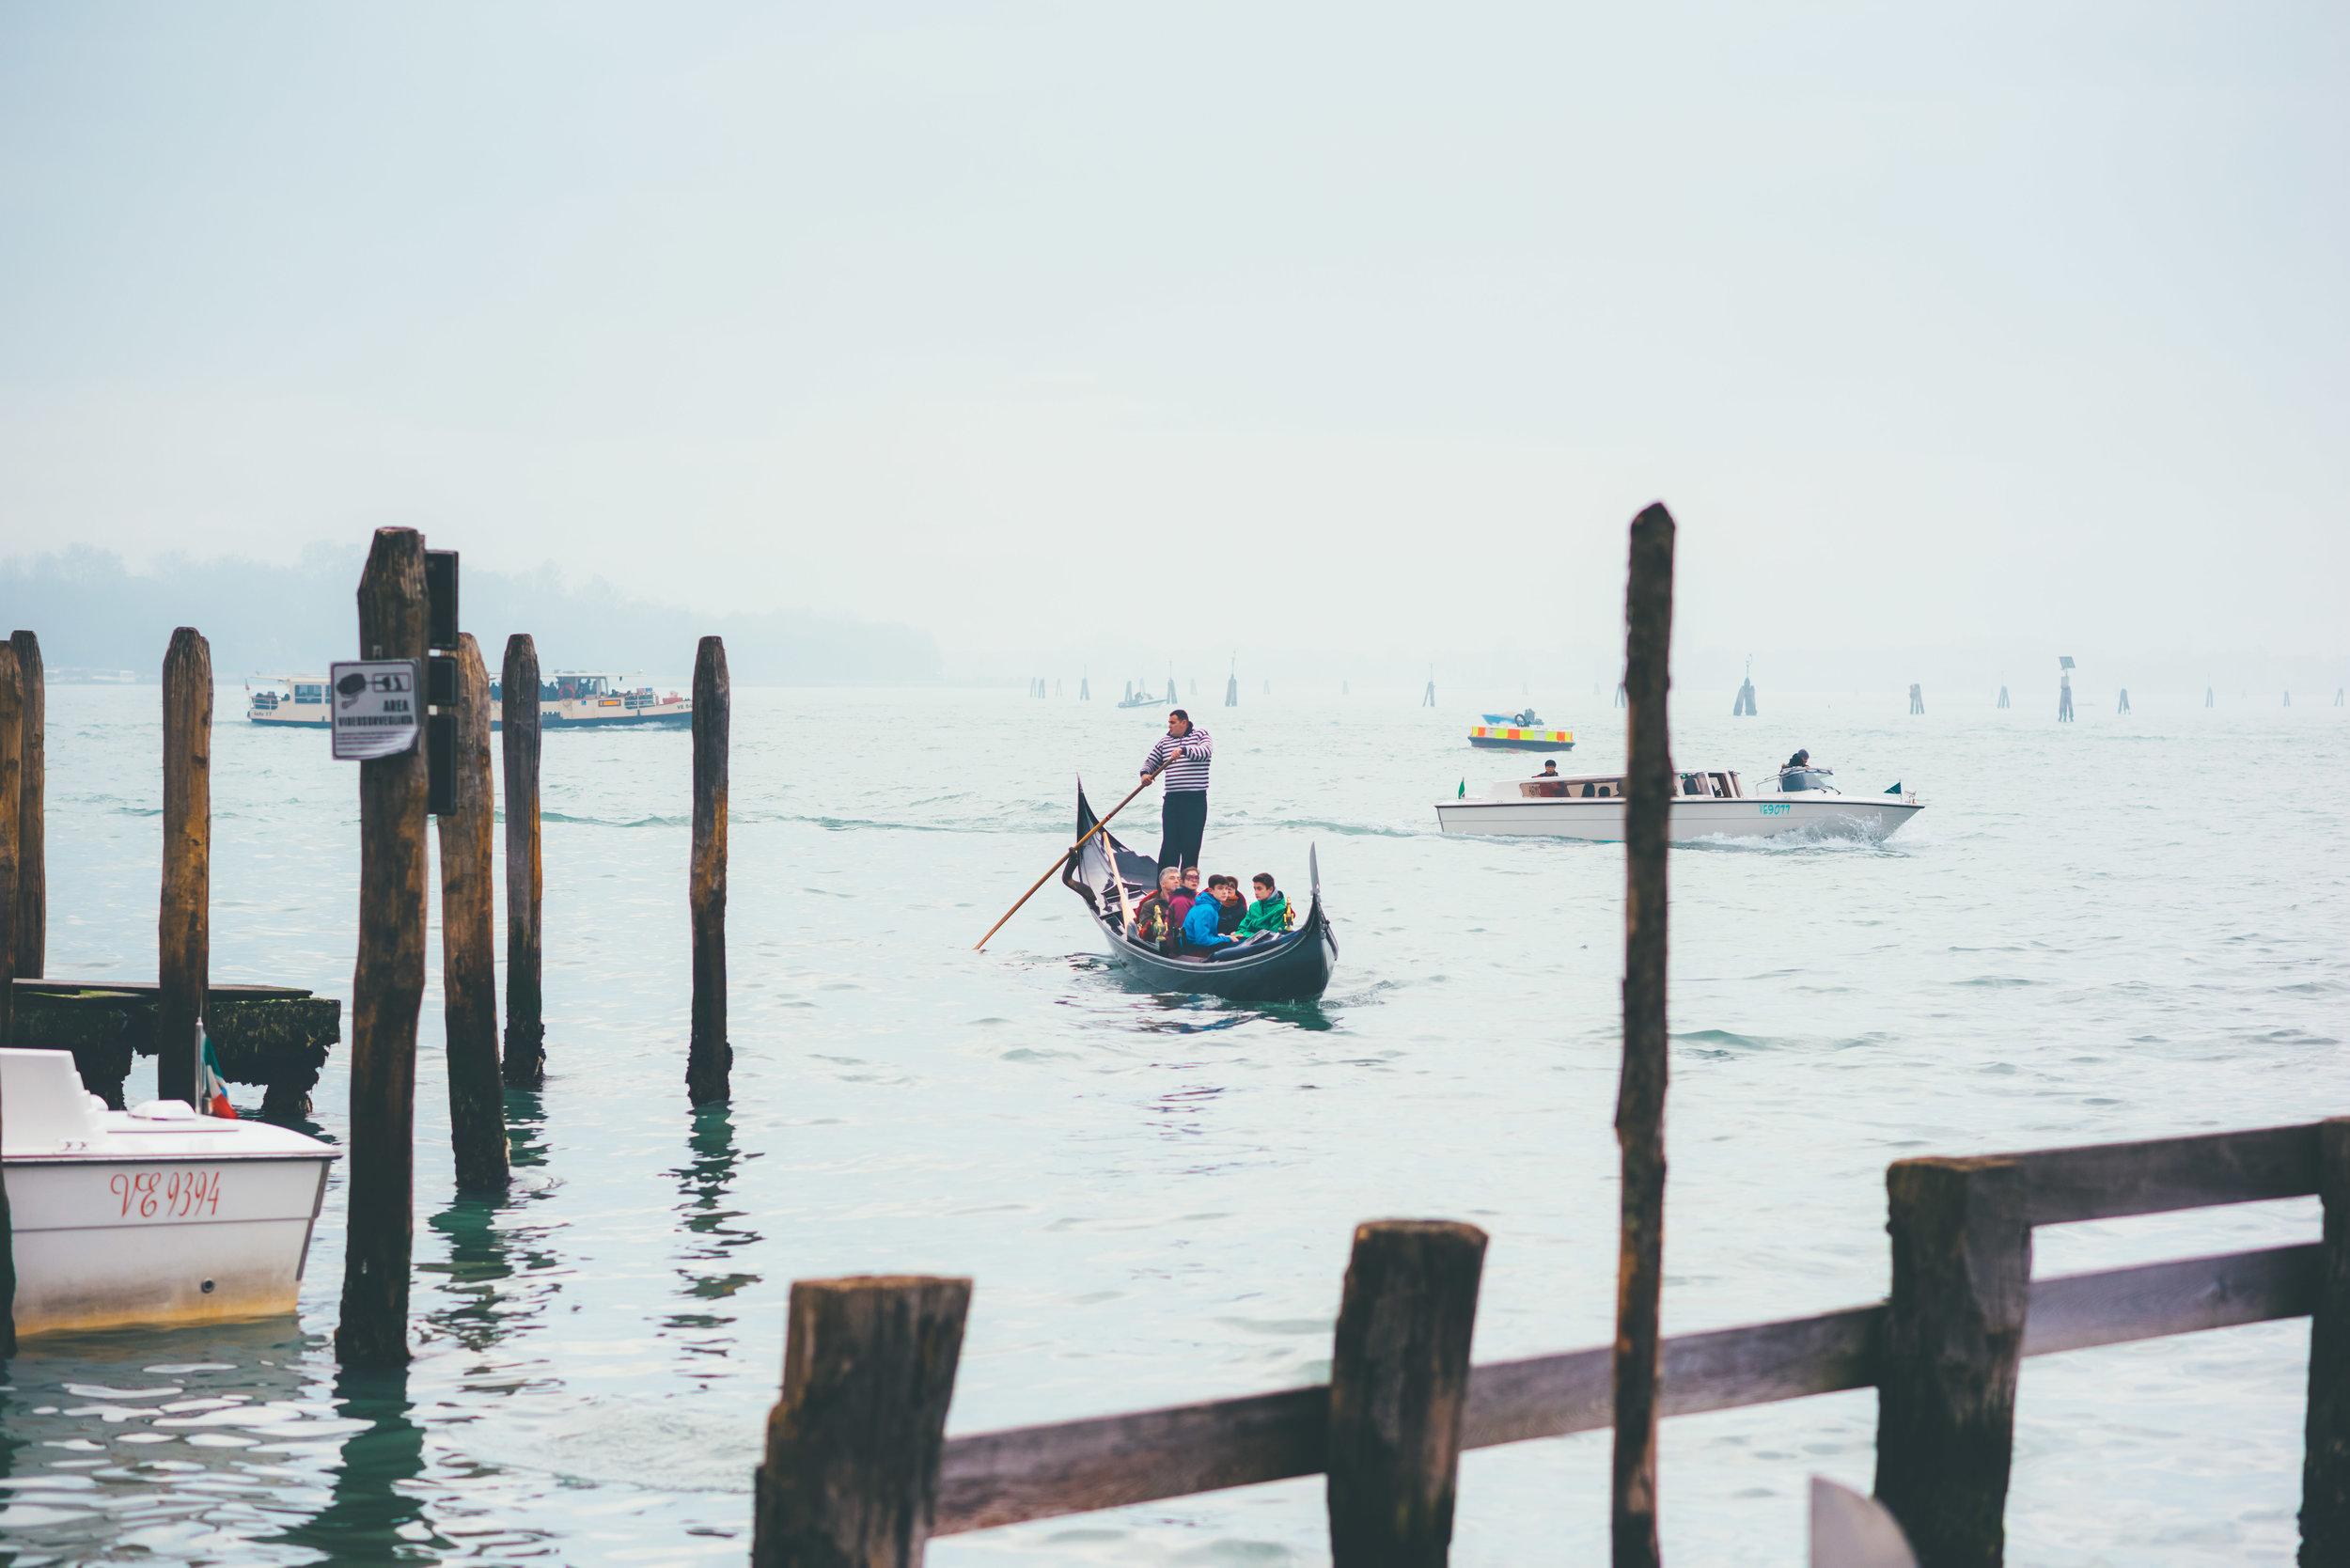 4_09-02-16 carnevale venezia-1369.jpg